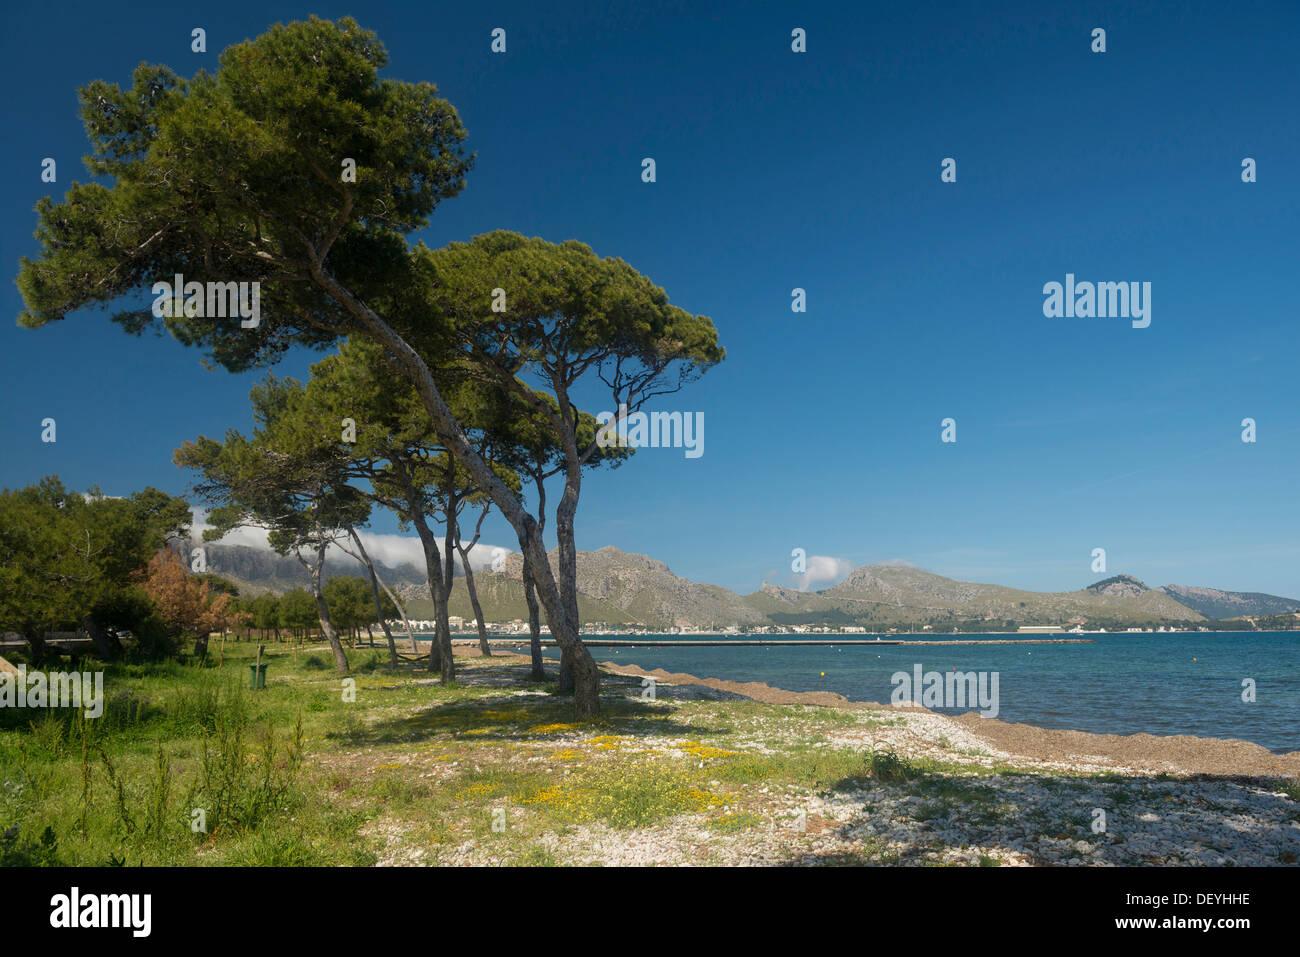 Kiefern und das Meer, Bucht von Pollenca, Port de Pollenca, Mallorca, Balearen, Spanien Stockbild